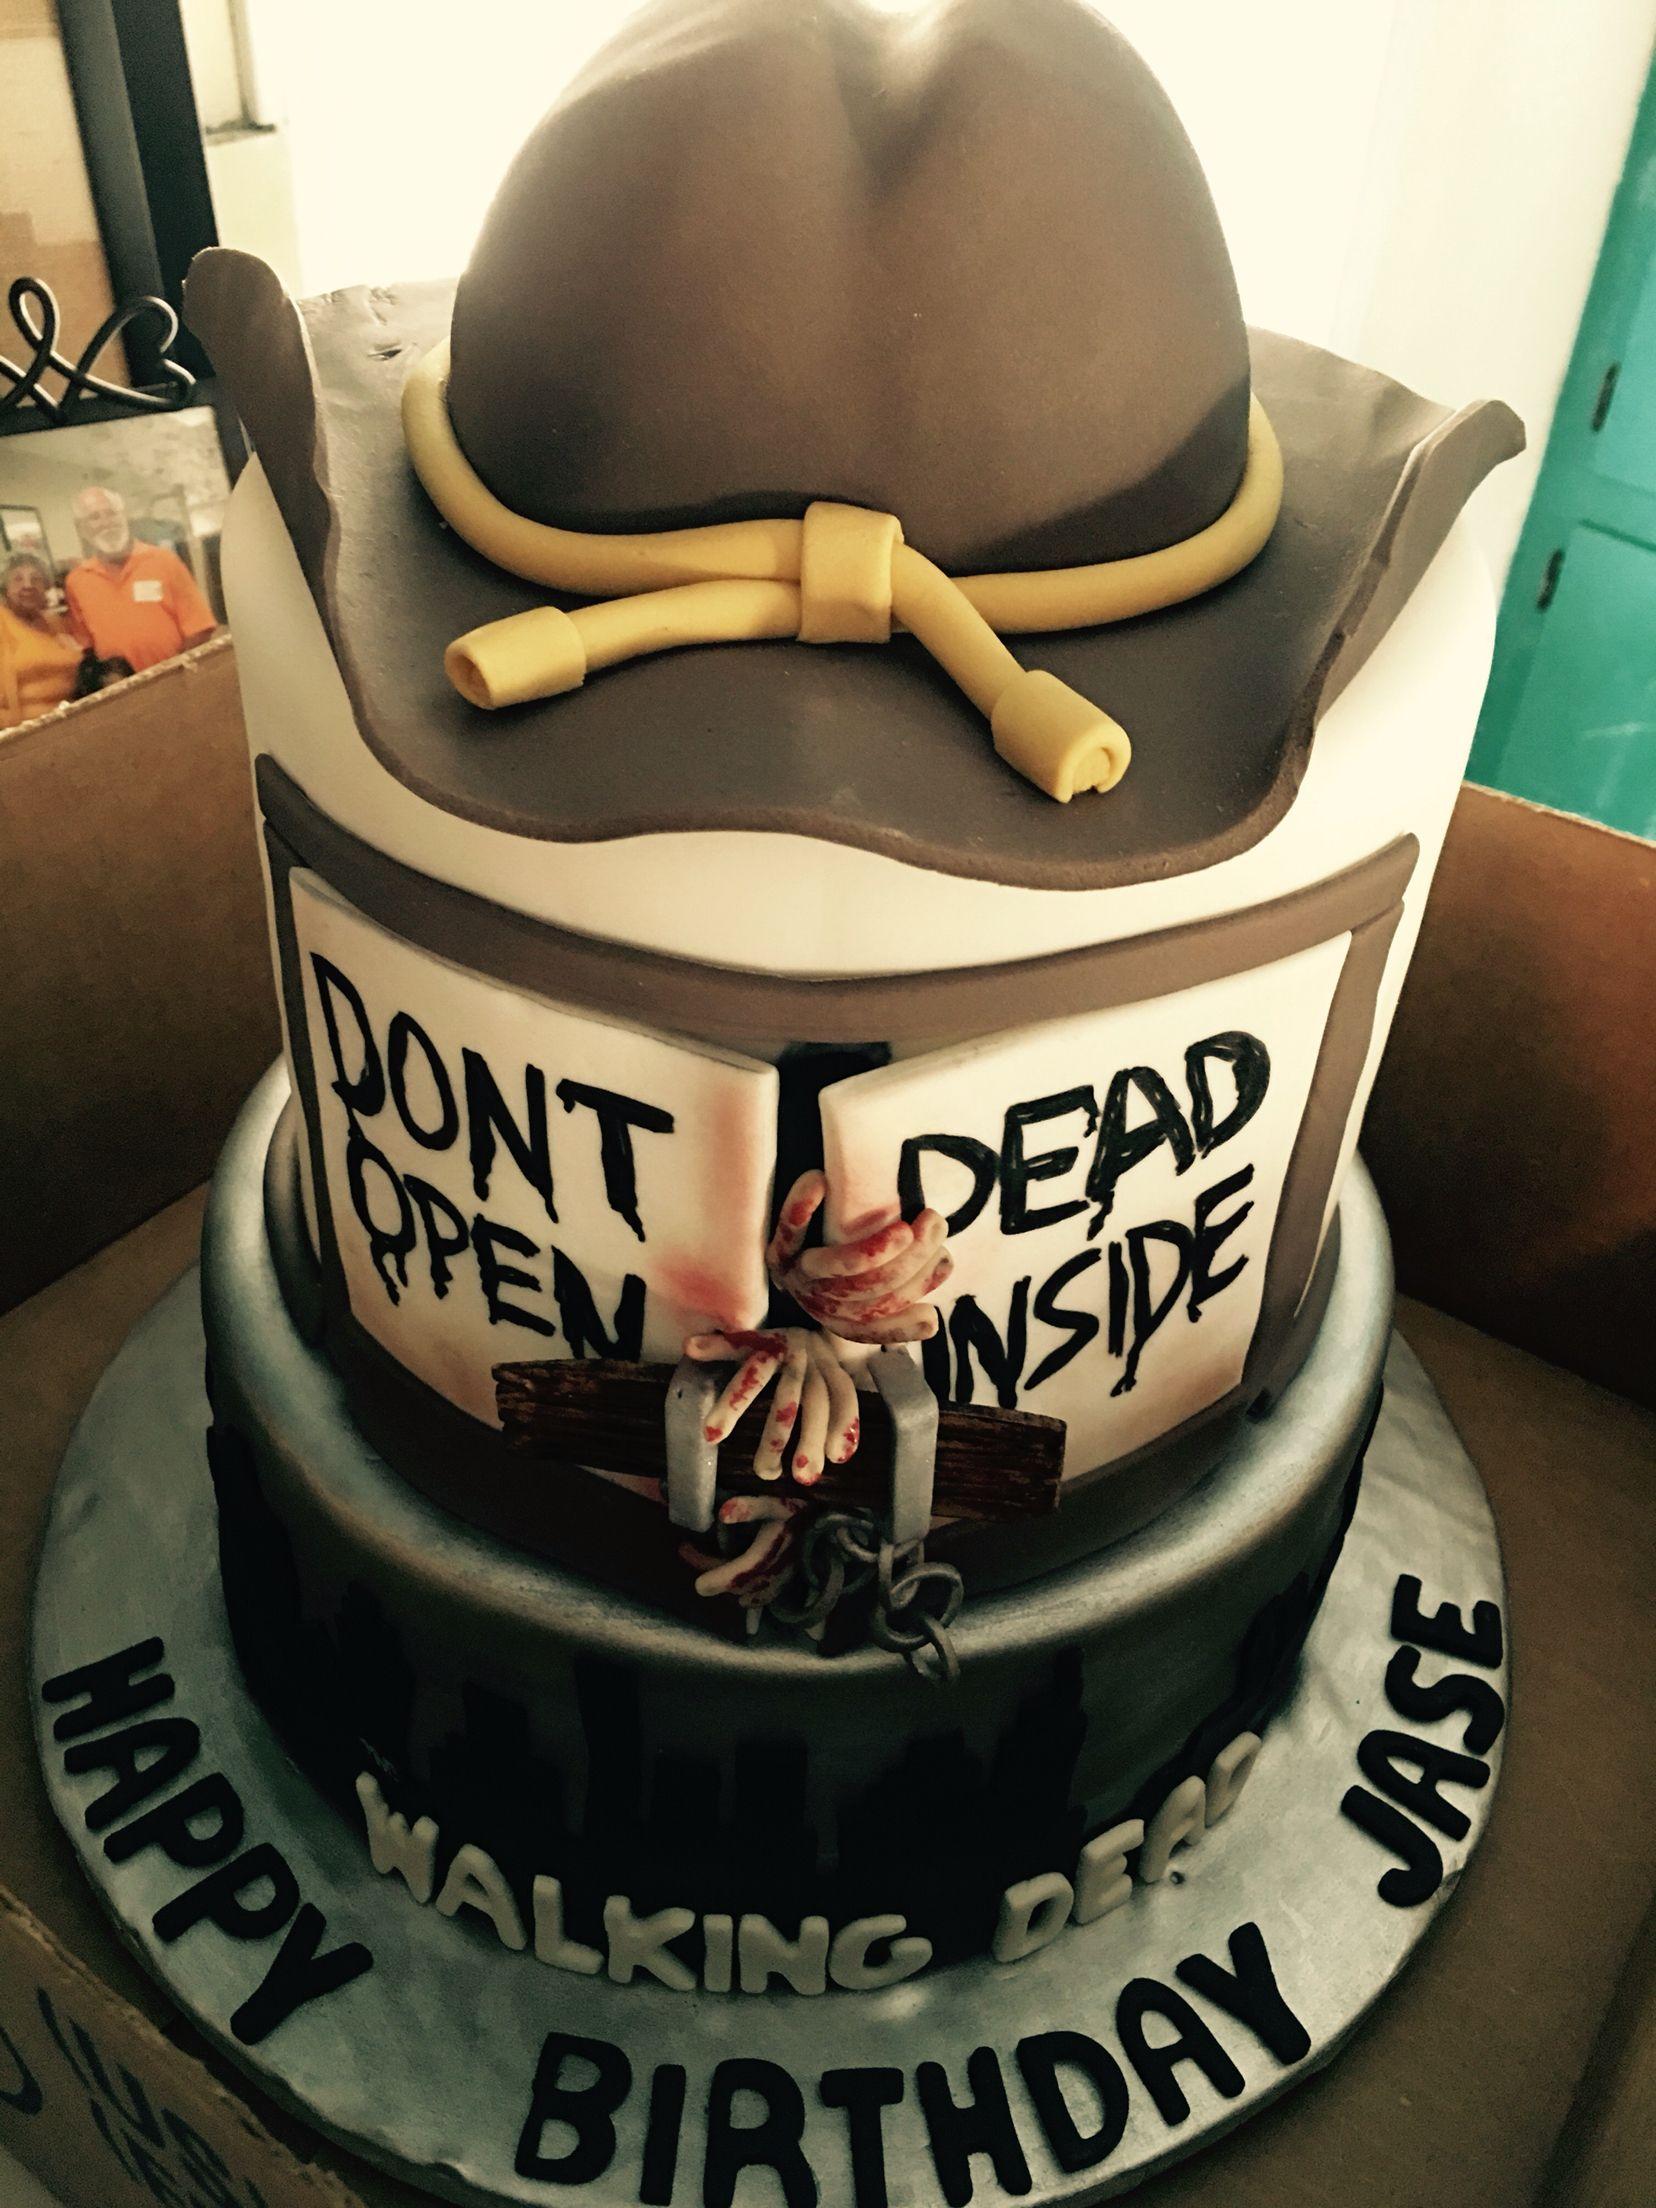 The Walking Dead Birthday Cake Jase Wyatt Pinterest Birthday